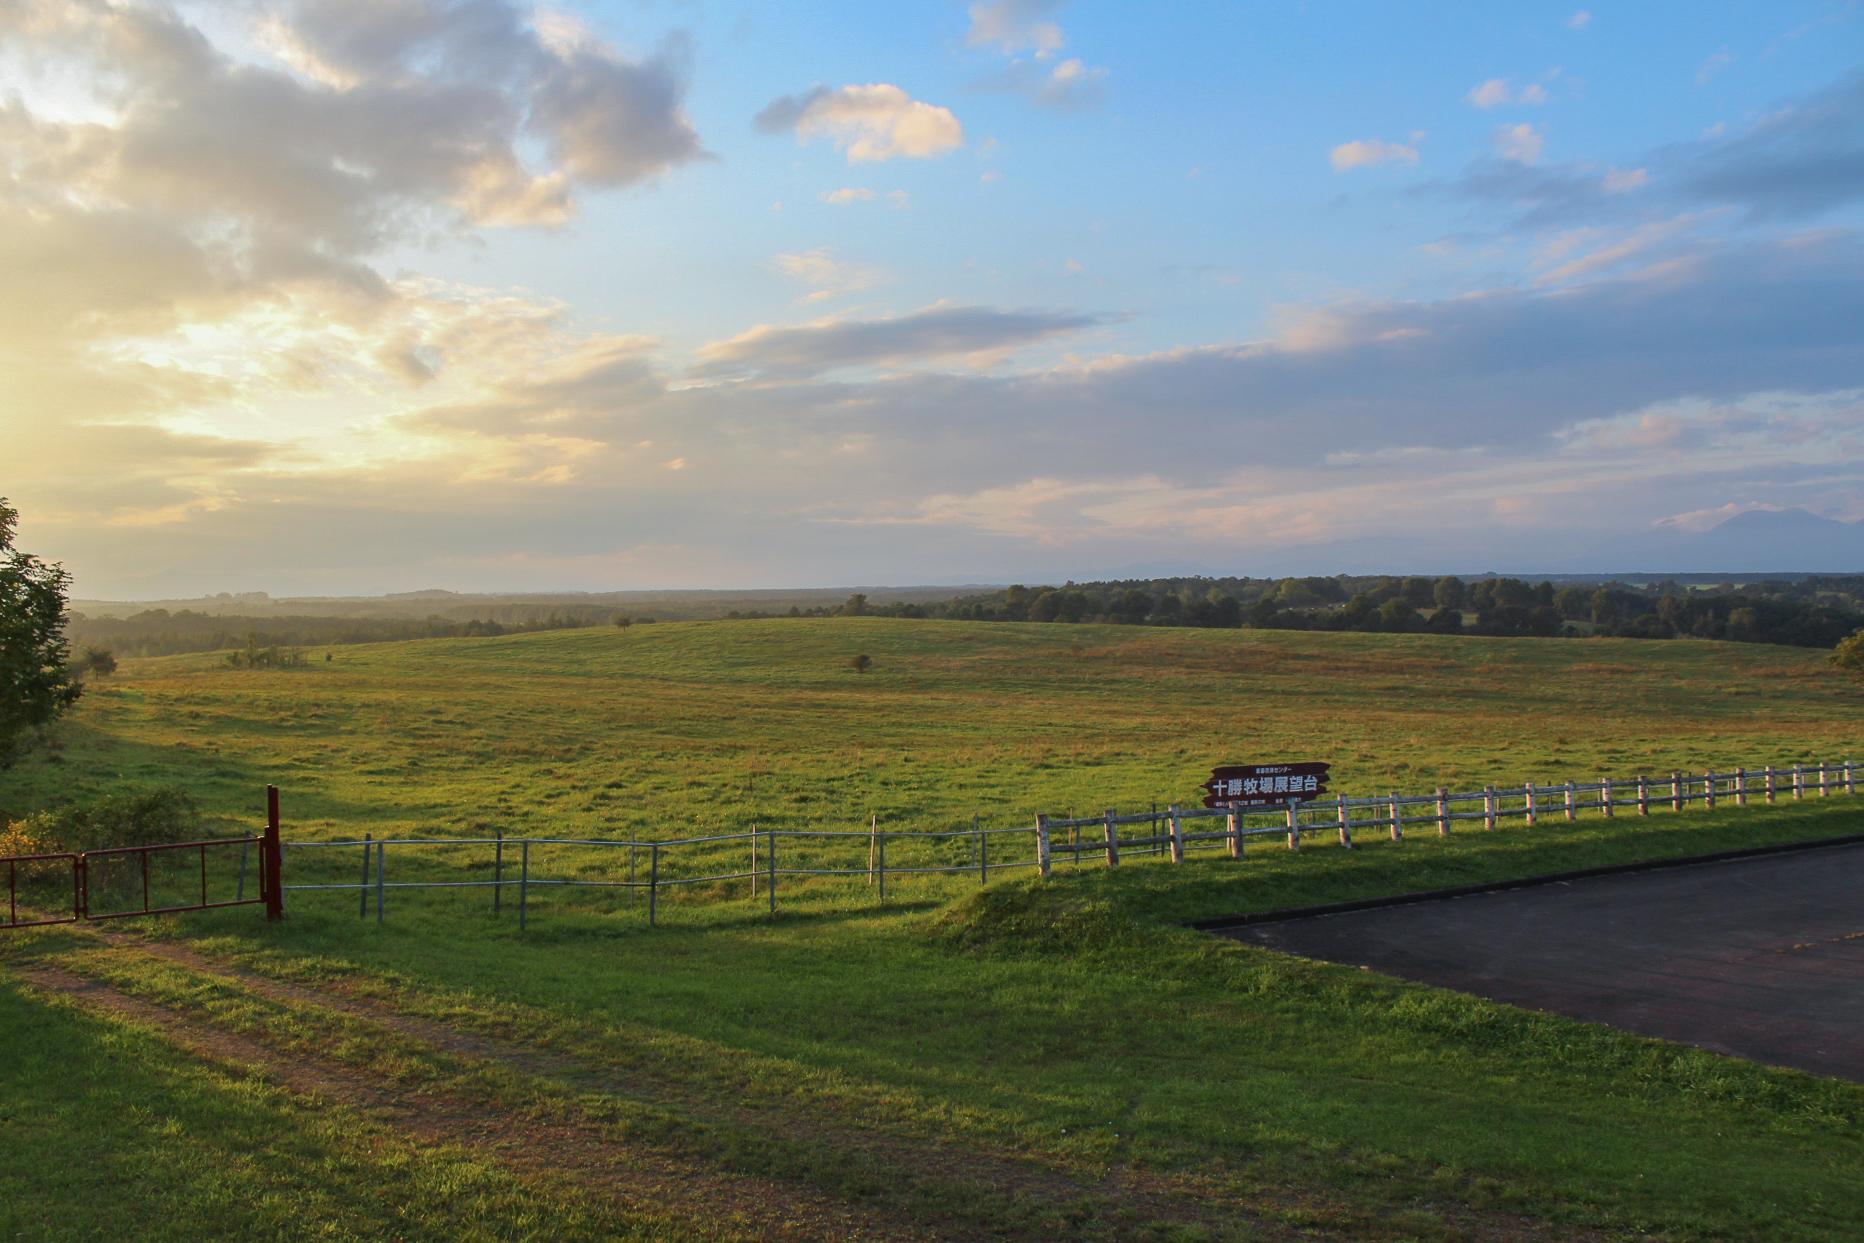 十勝牧場展望台から眺める風景